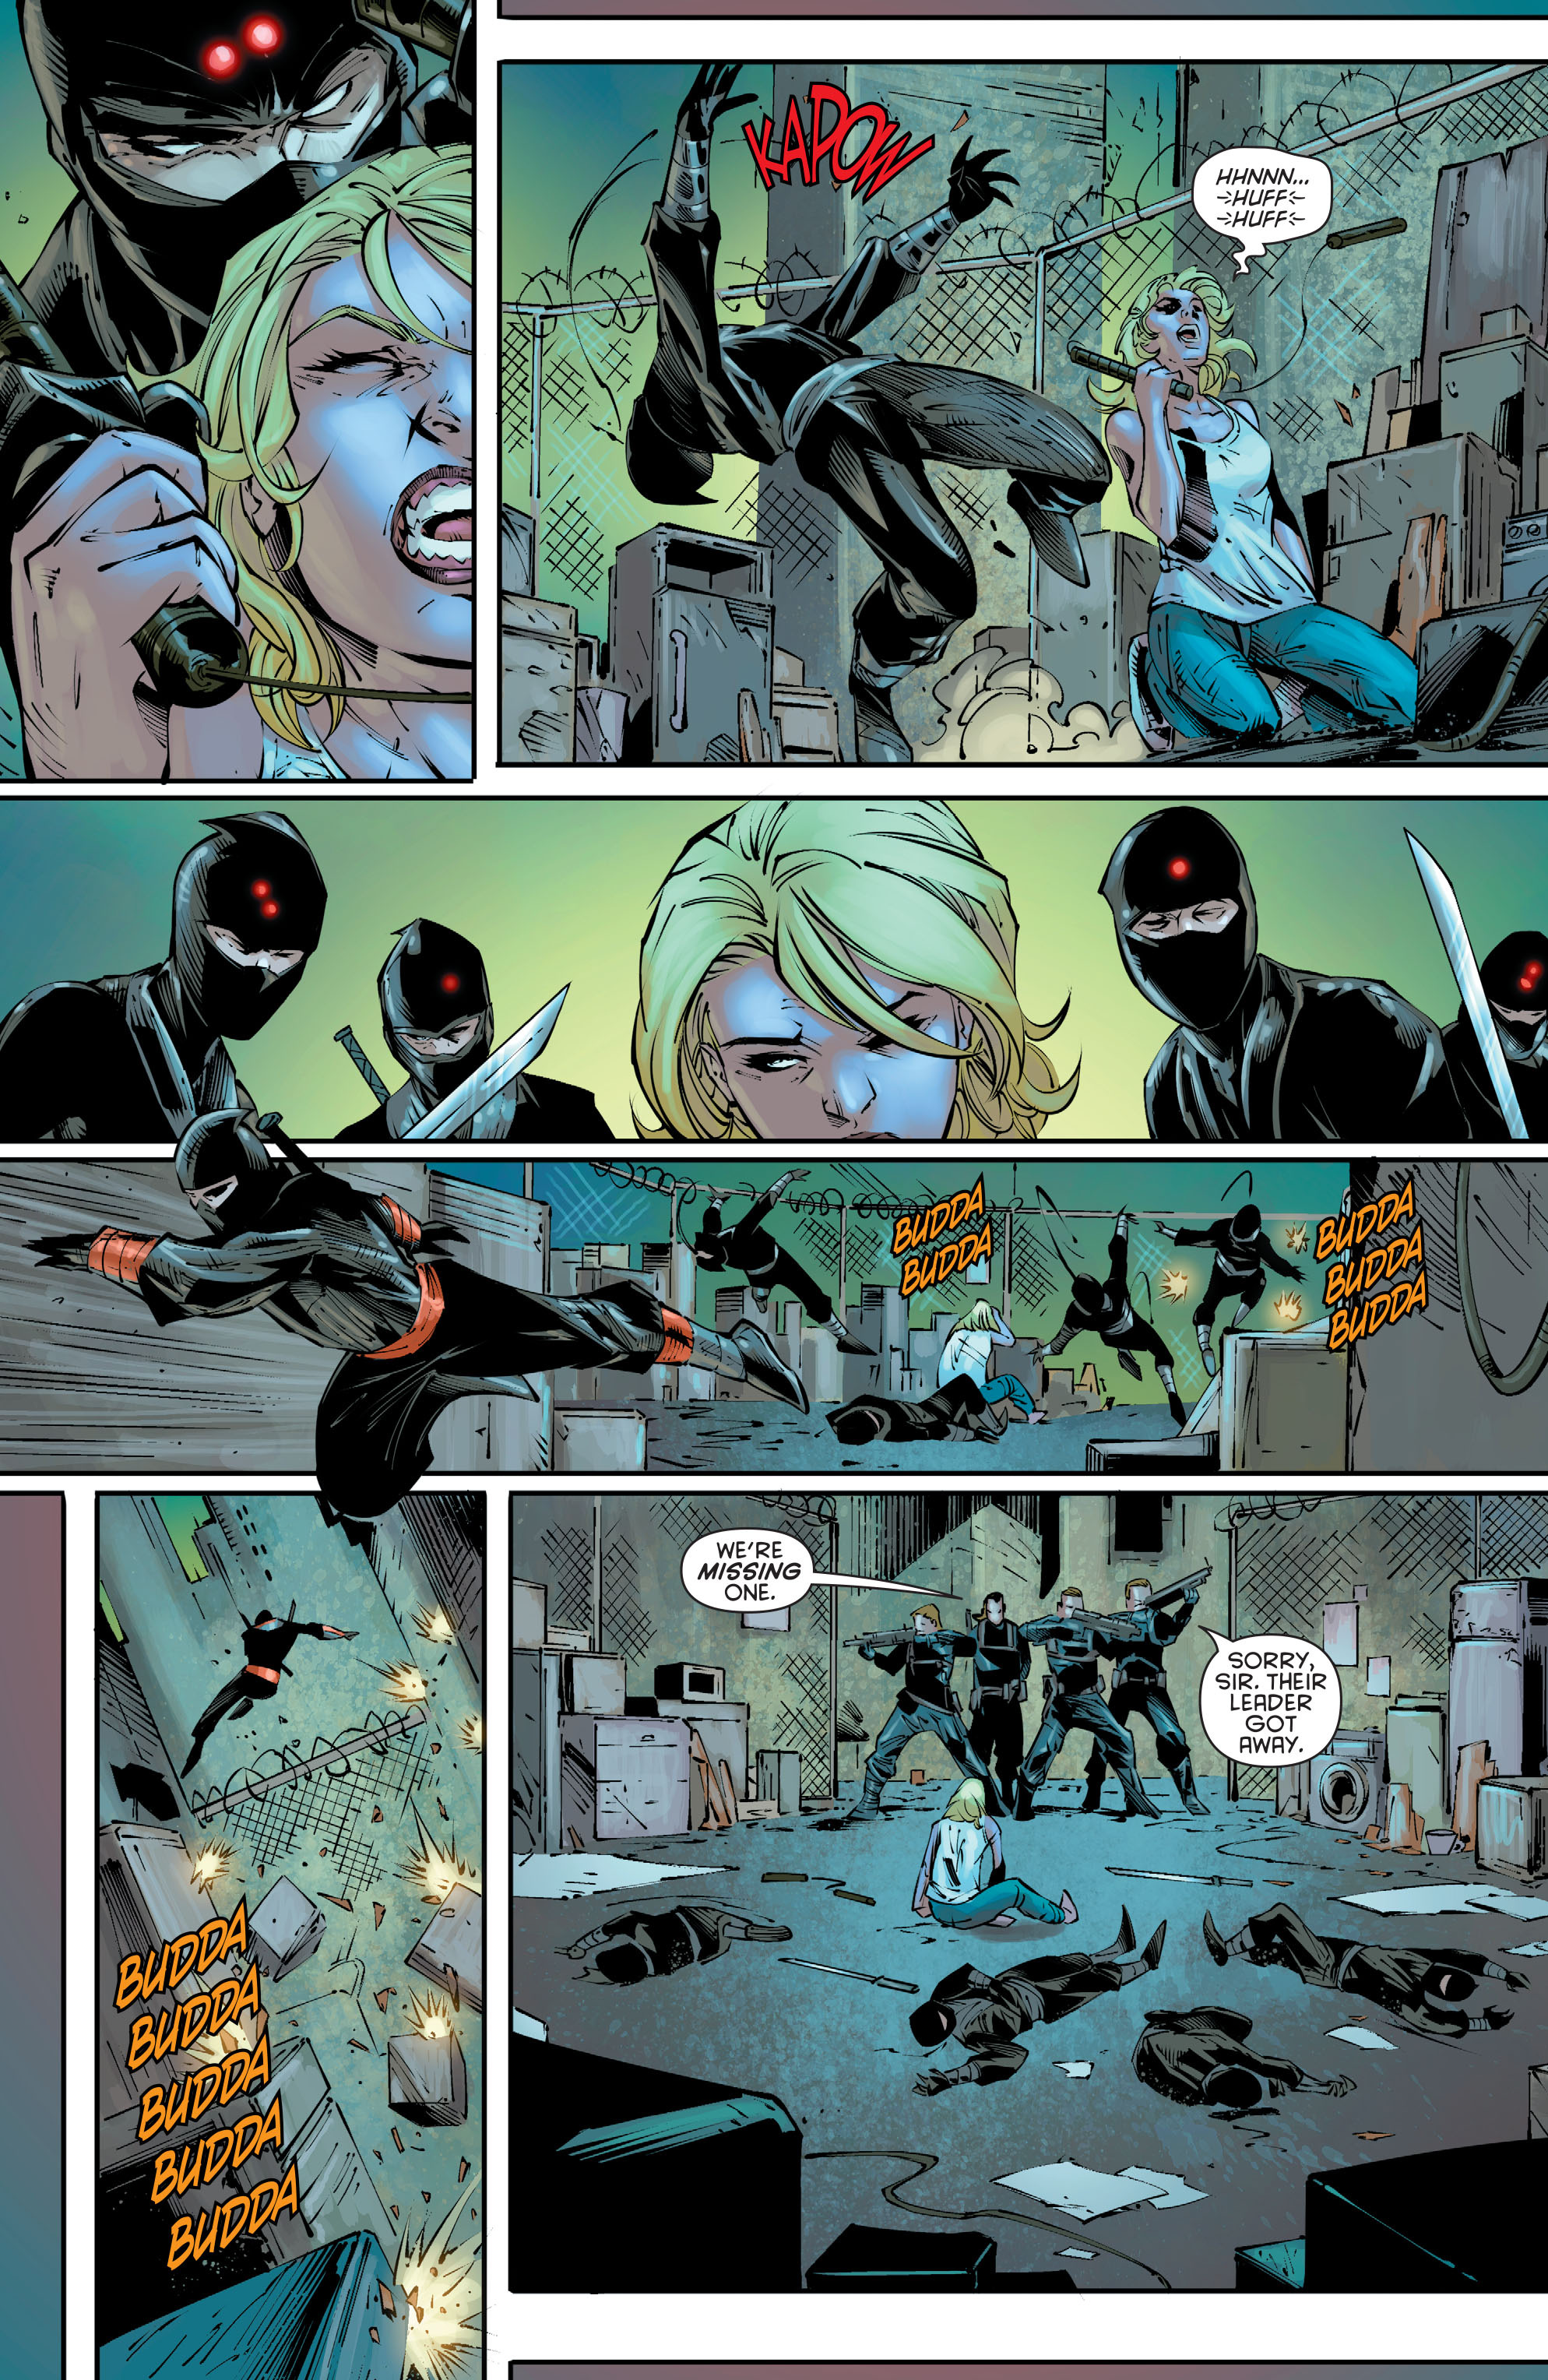 DC Comics: Zero Year chap tpb pic 197